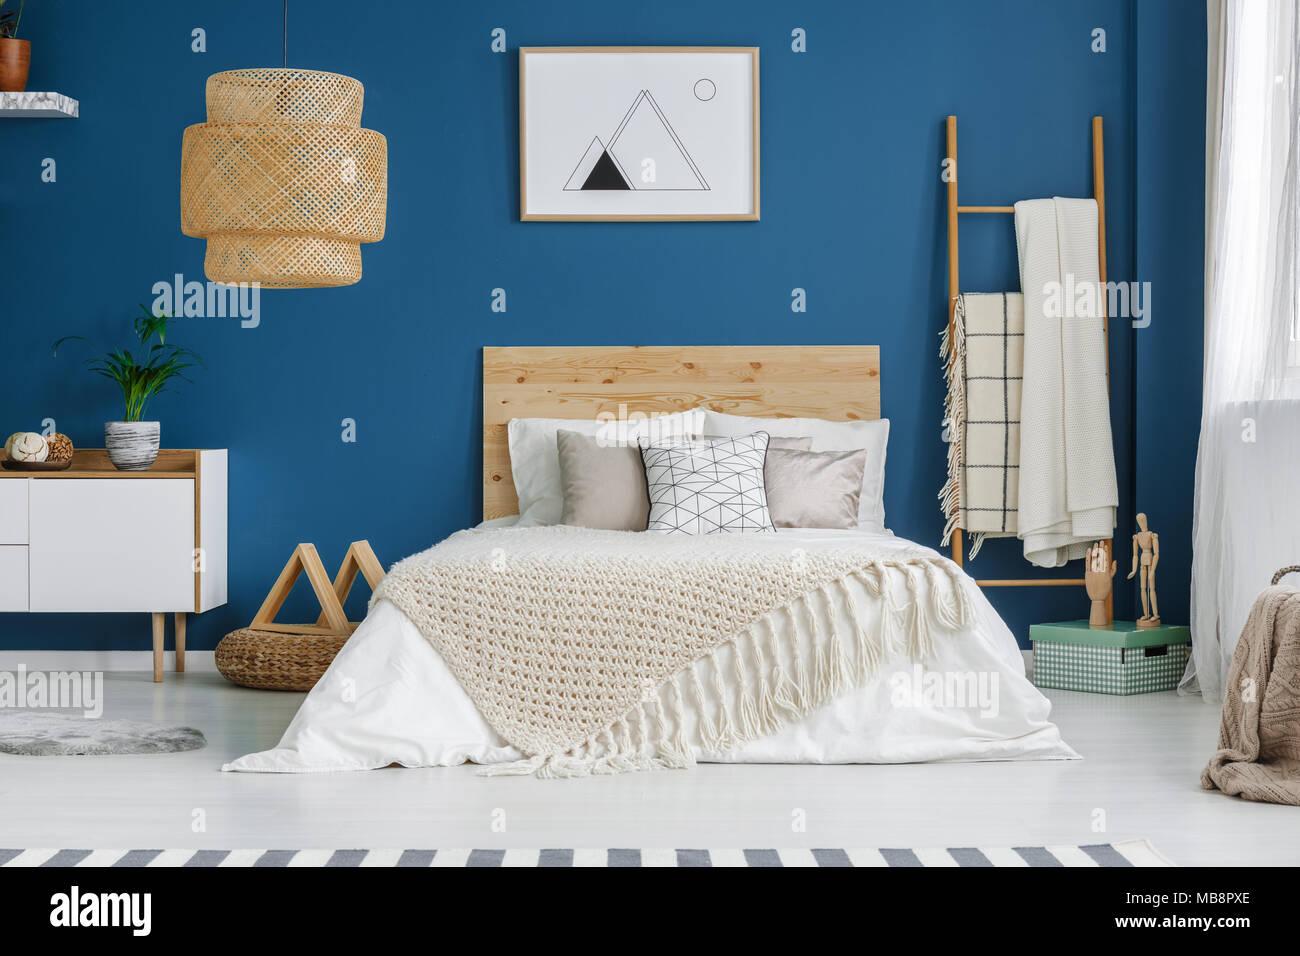 Gestrickte Decke Auf Holz  Bett Im Blauen Schlafzimmer Innenraum Mit Poster  An Der Wand Und Lampe